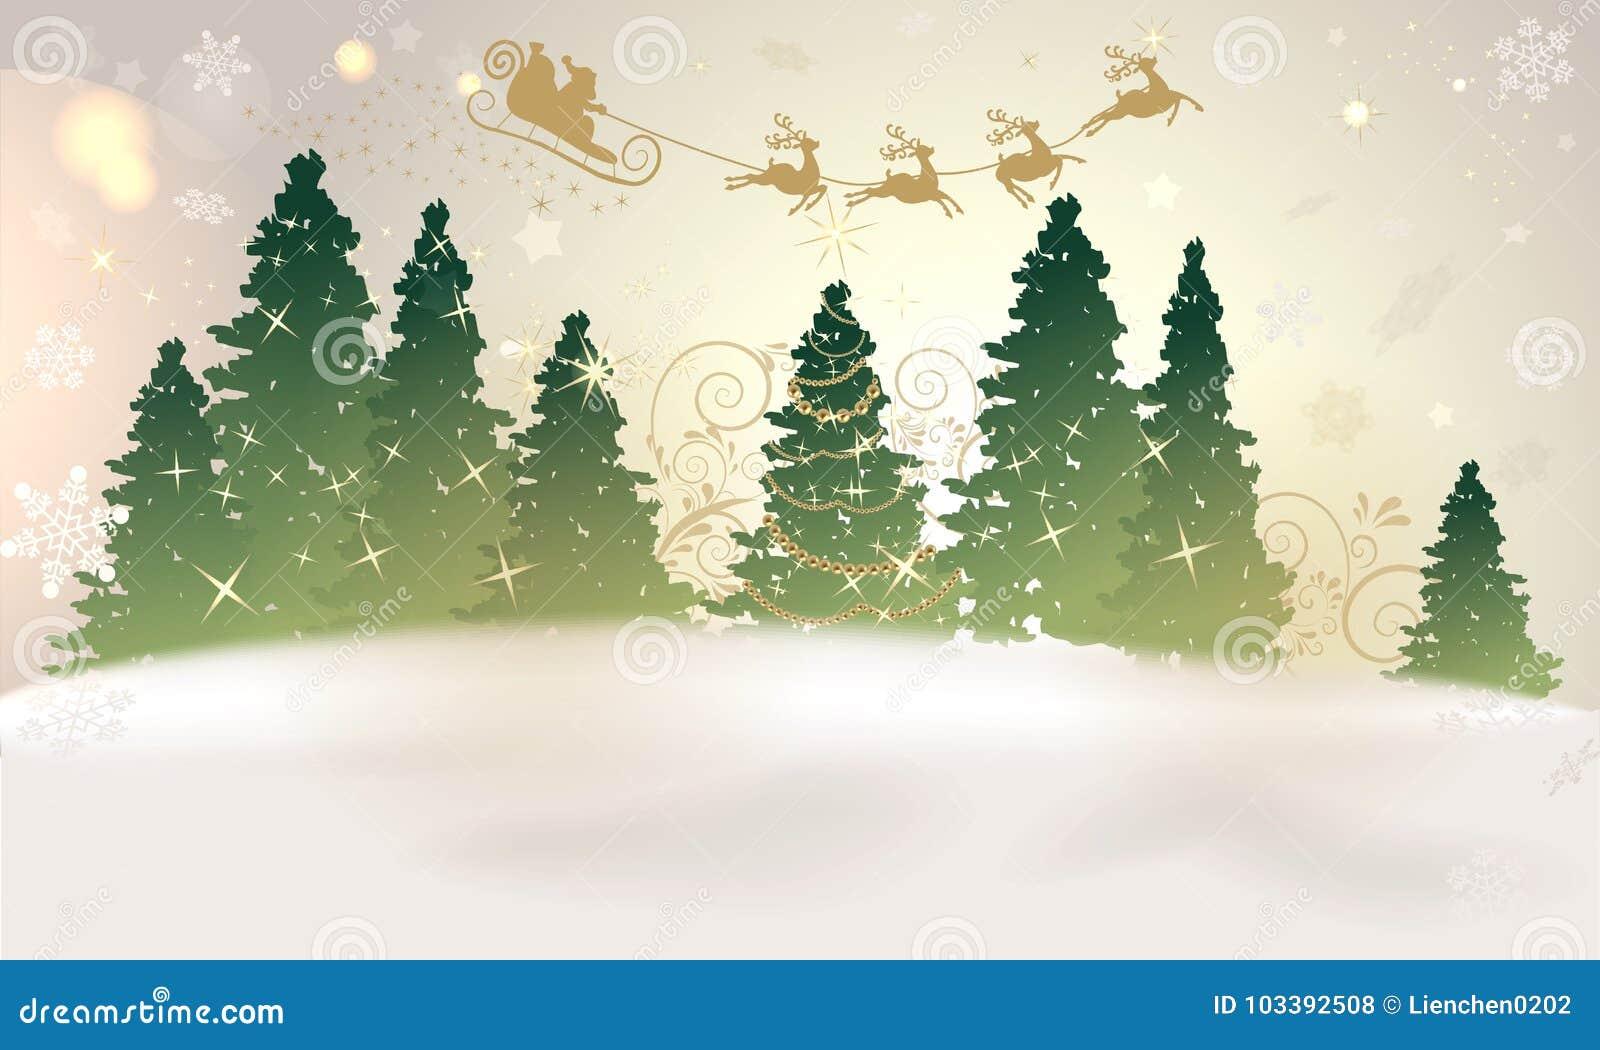 Magischer Weihnachtshintergrund Mit Sankt Und Weihnachtsbaum Stock ...